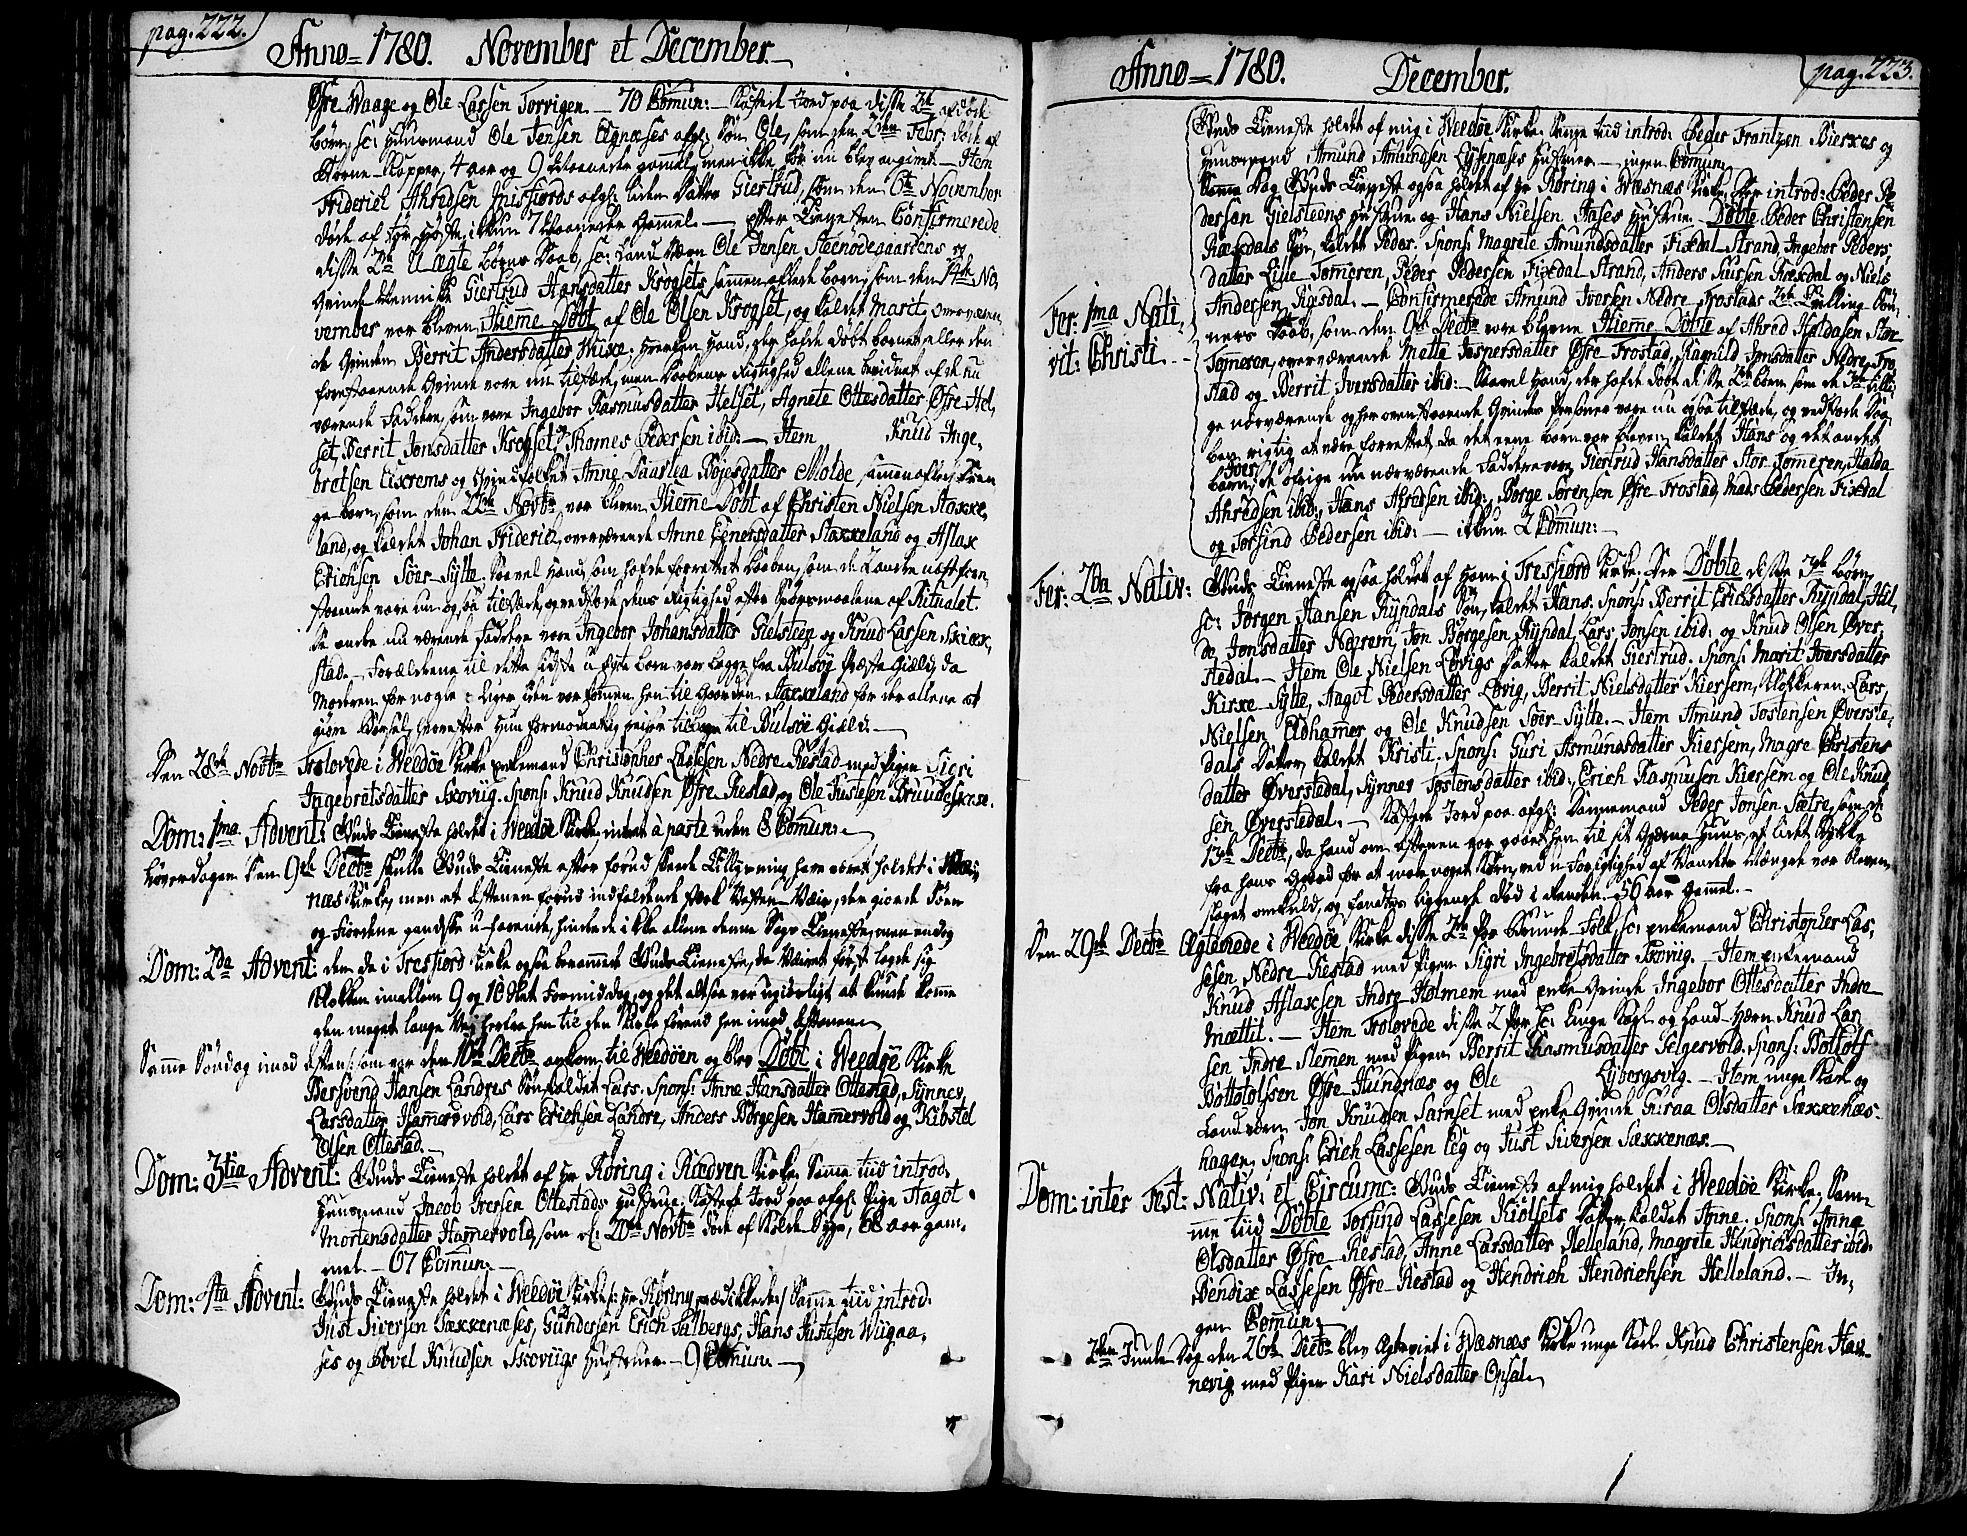 SAT, Ministerialprotokoller, klokkerbøker og fødselsregistre - Møre og Romsdal, 547/L0600: Ministerialbok nr. 547A02, 1765-1799, s. 222-223